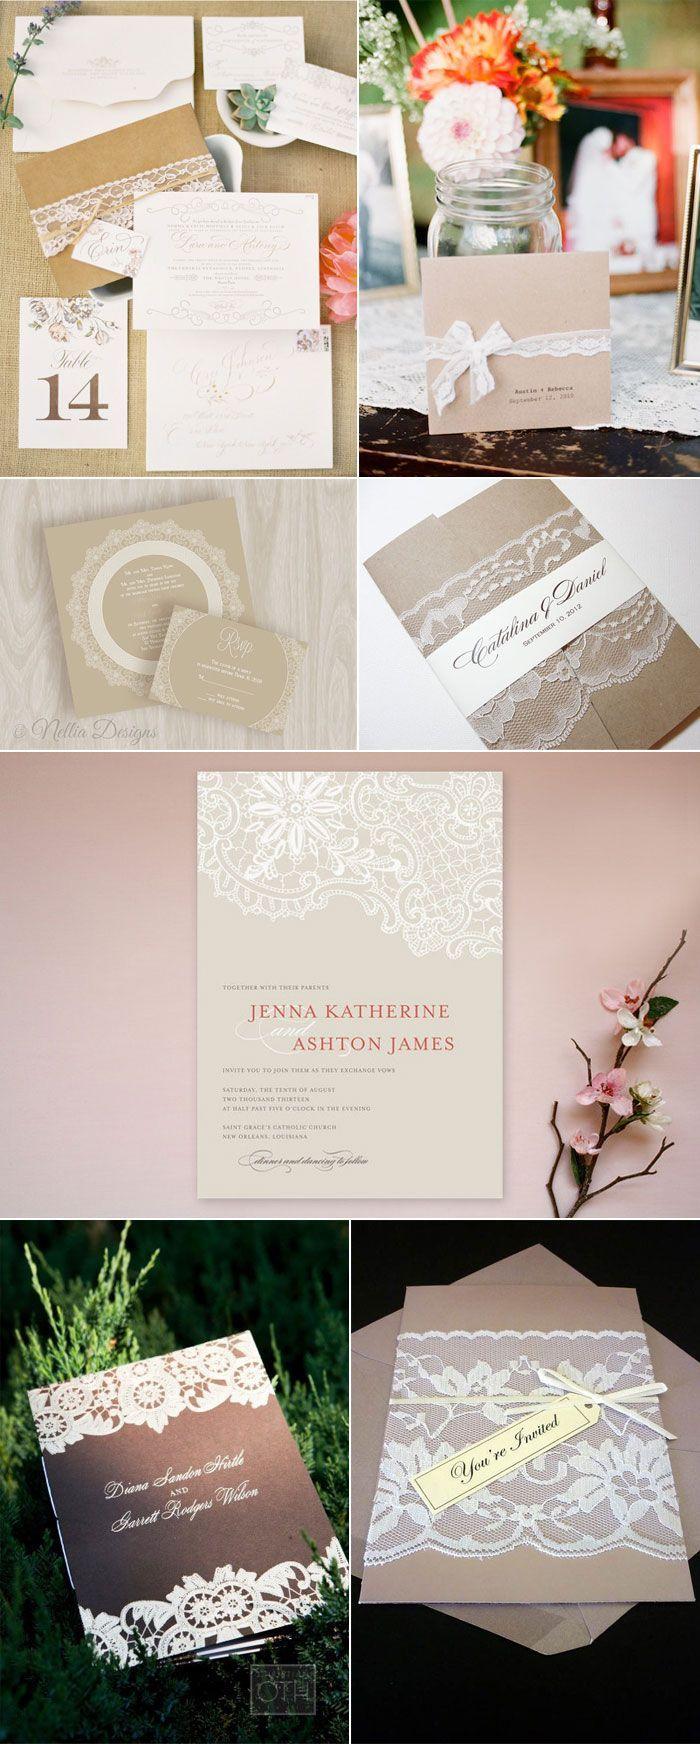 Spitze Hochzeit Einladungen-beste Wahl für Vintage und rustikale Hochzeiten | Kartenpalast Blog---- Palast für Karten